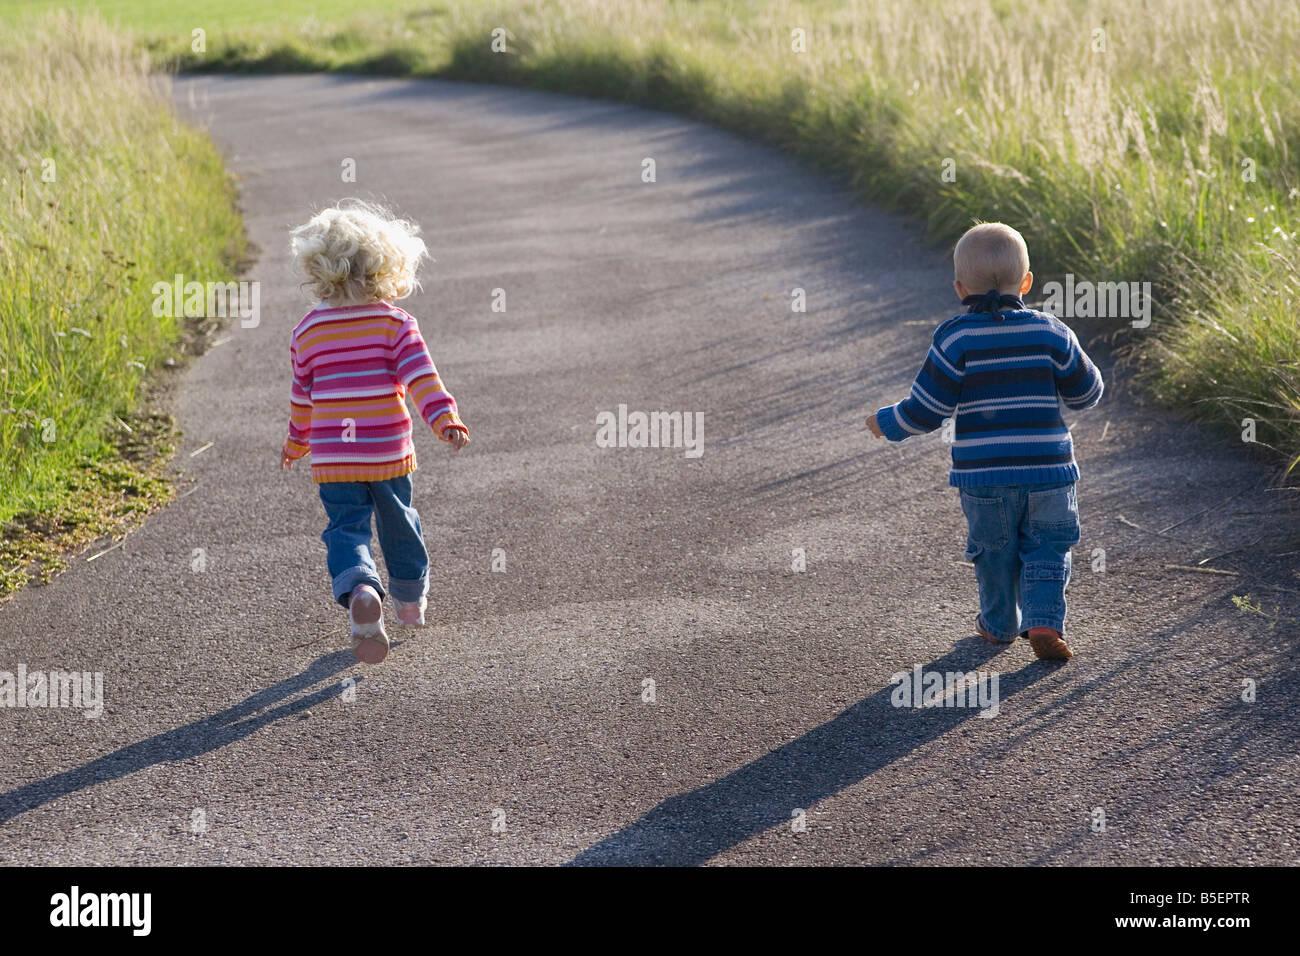 Little girl (2-3) and boy (1-2) en travers de chemin, vue arrière Banque D'Images